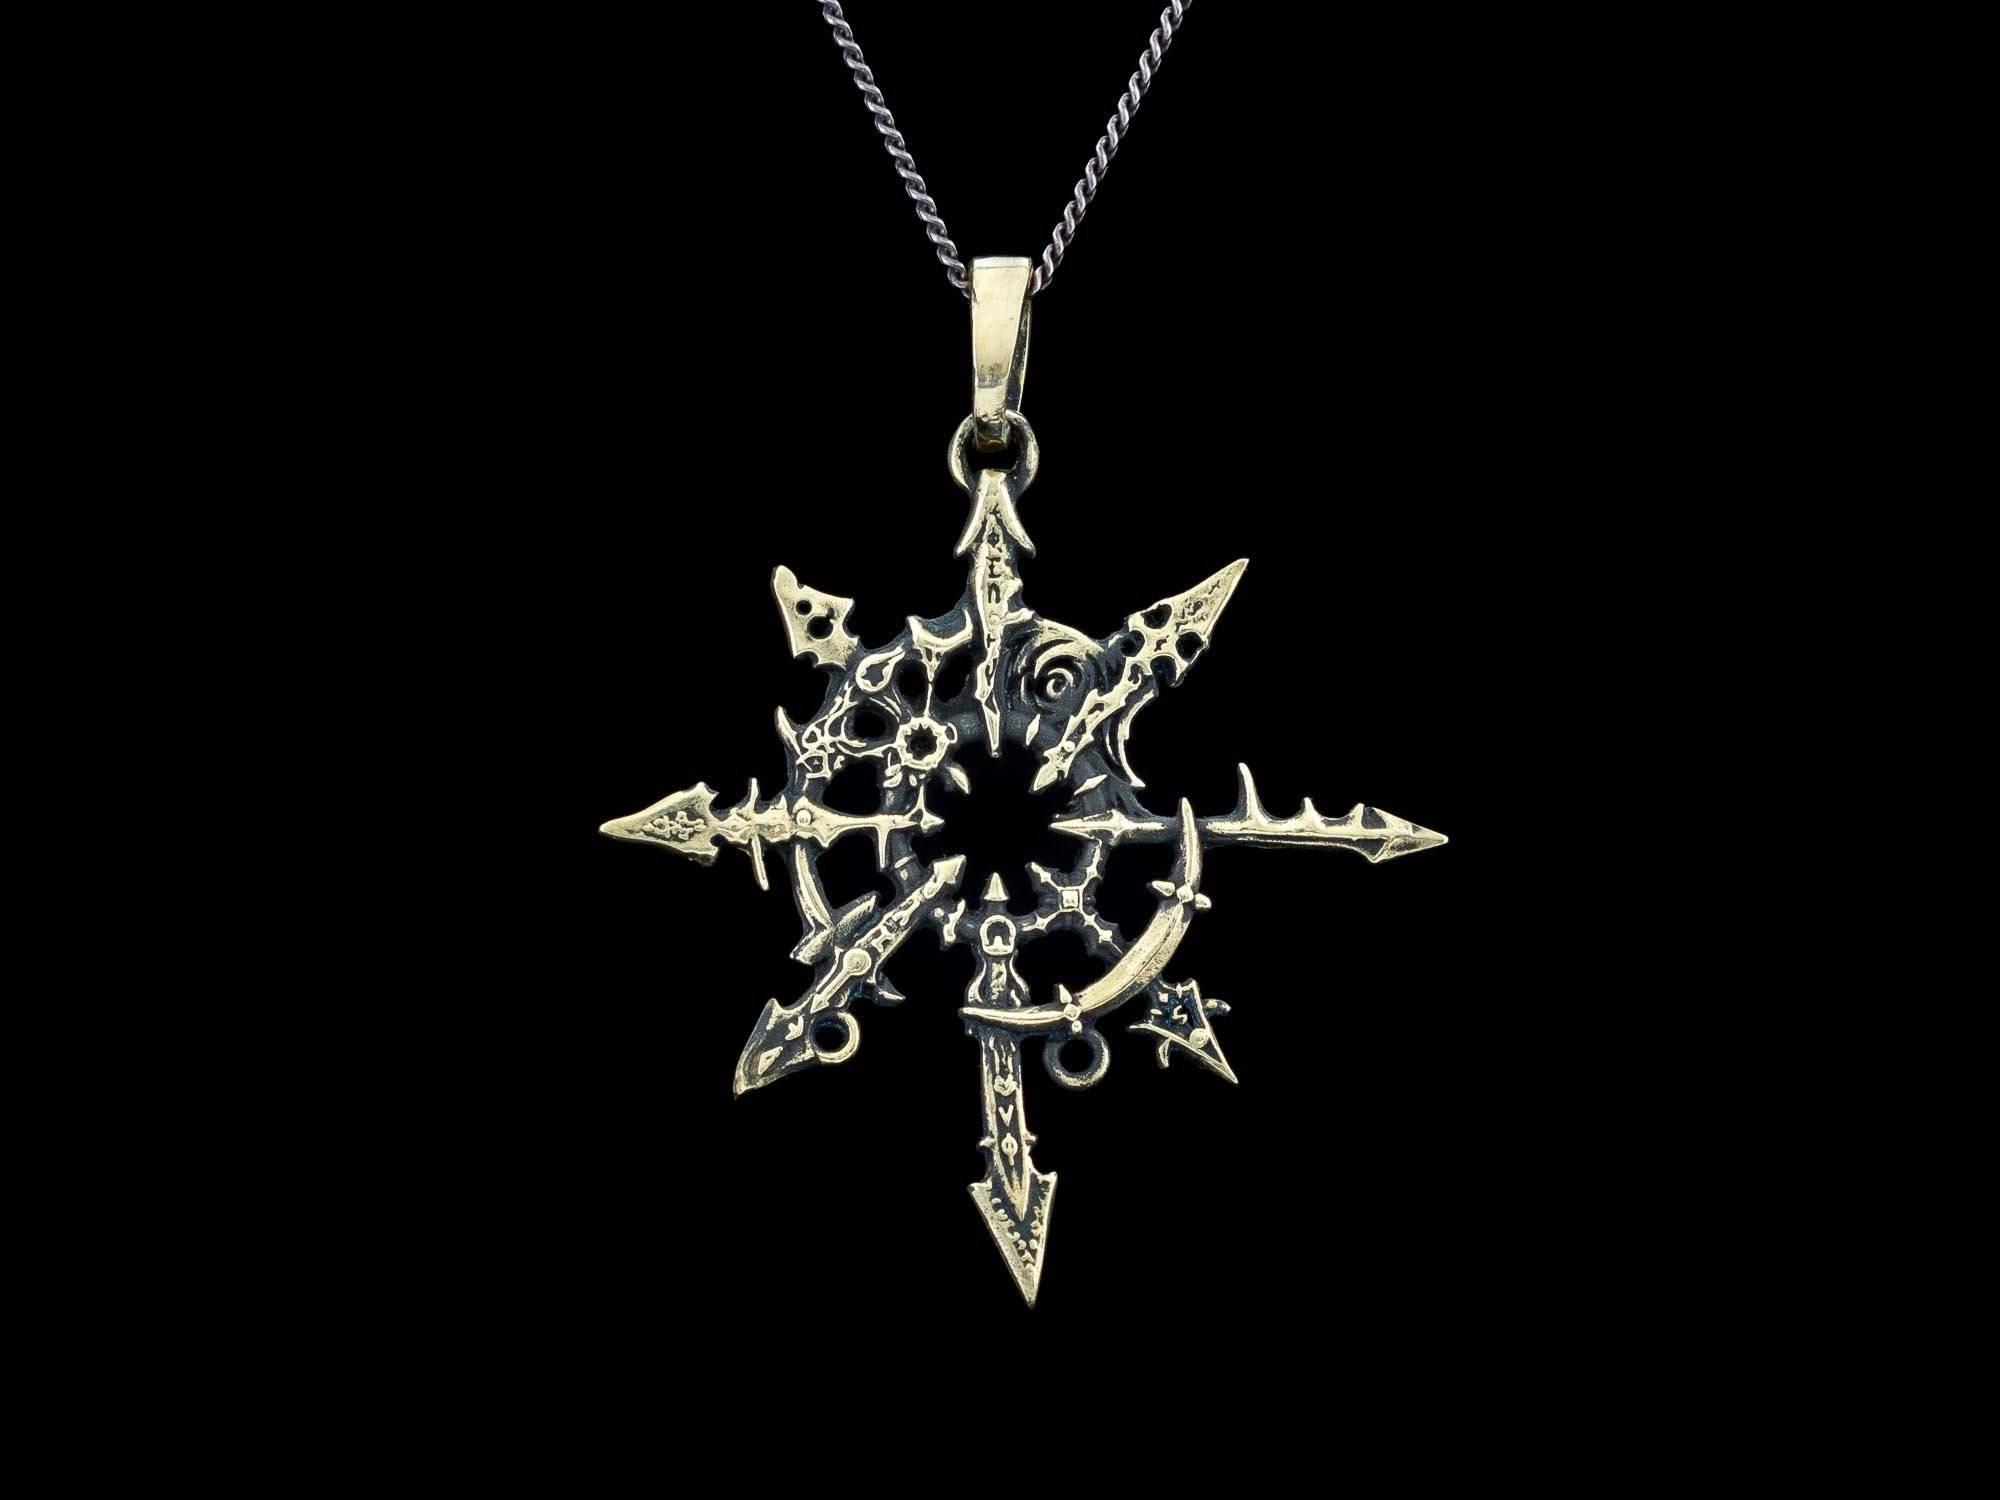 Звезда давида значение символа в разных культурах и гексаграммы  в магии